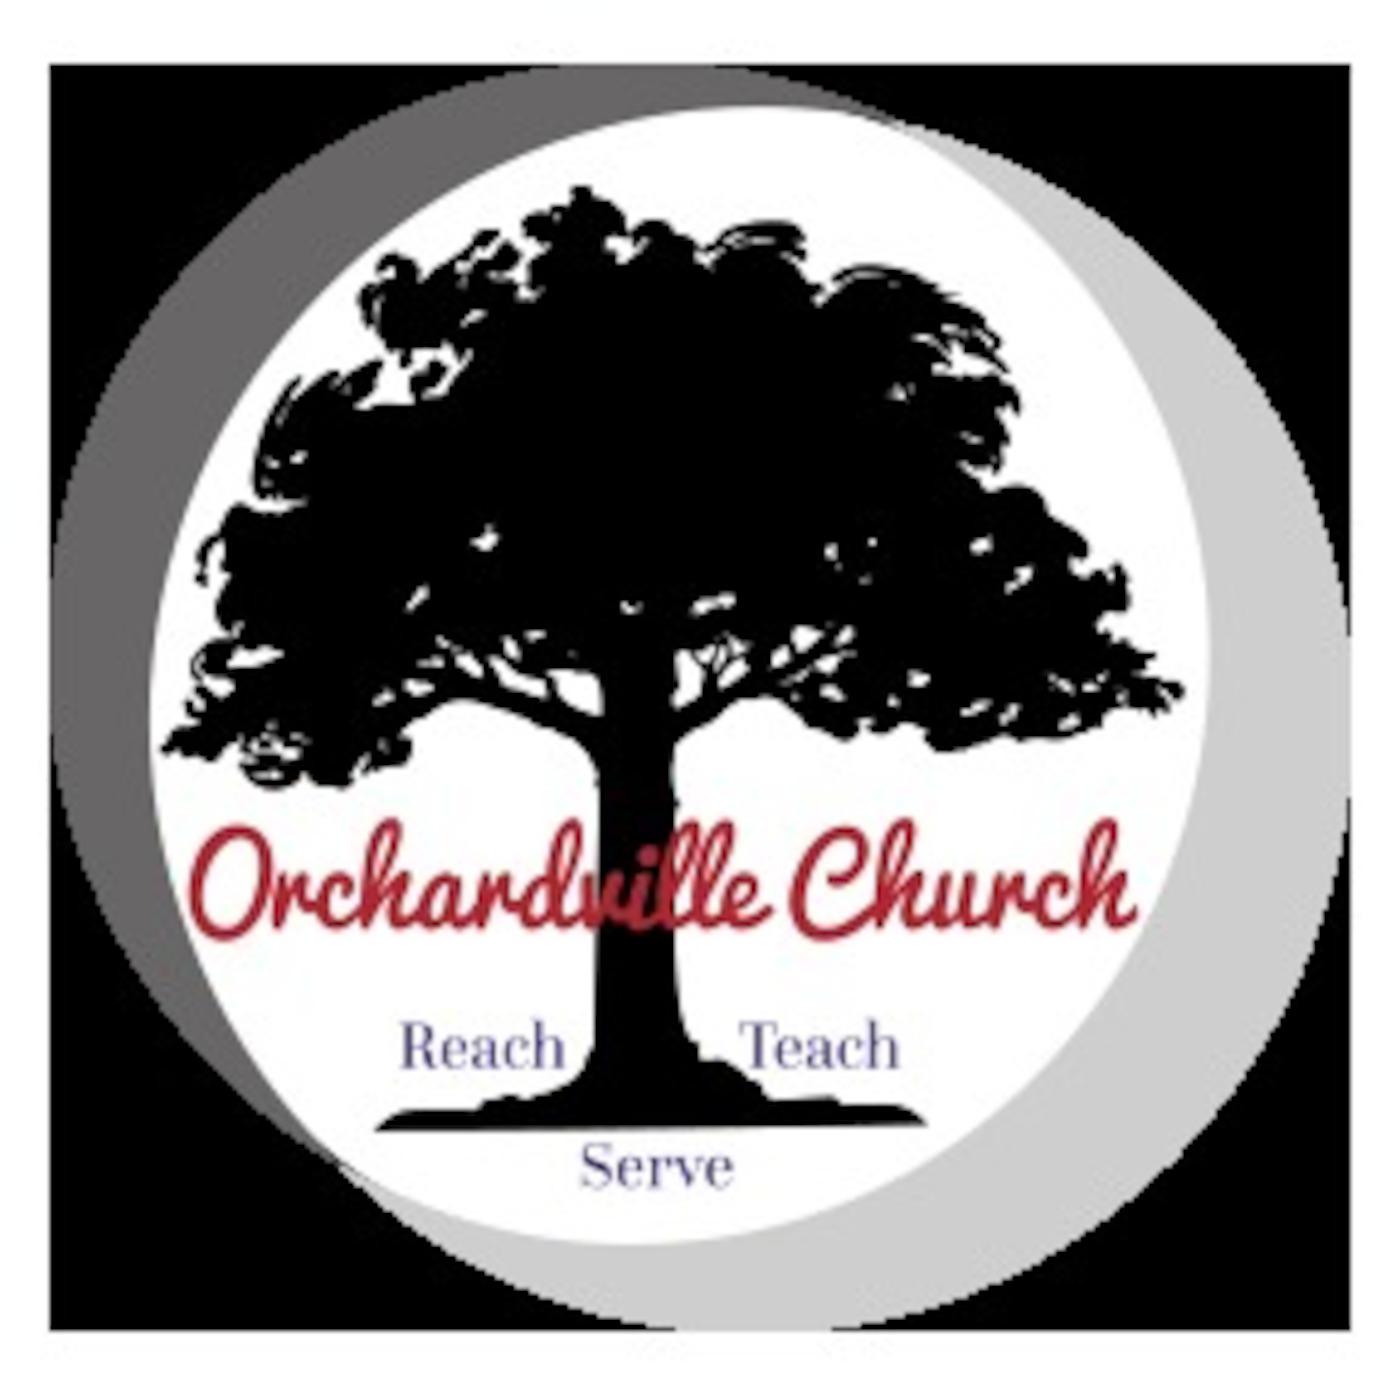 Orchardville Church